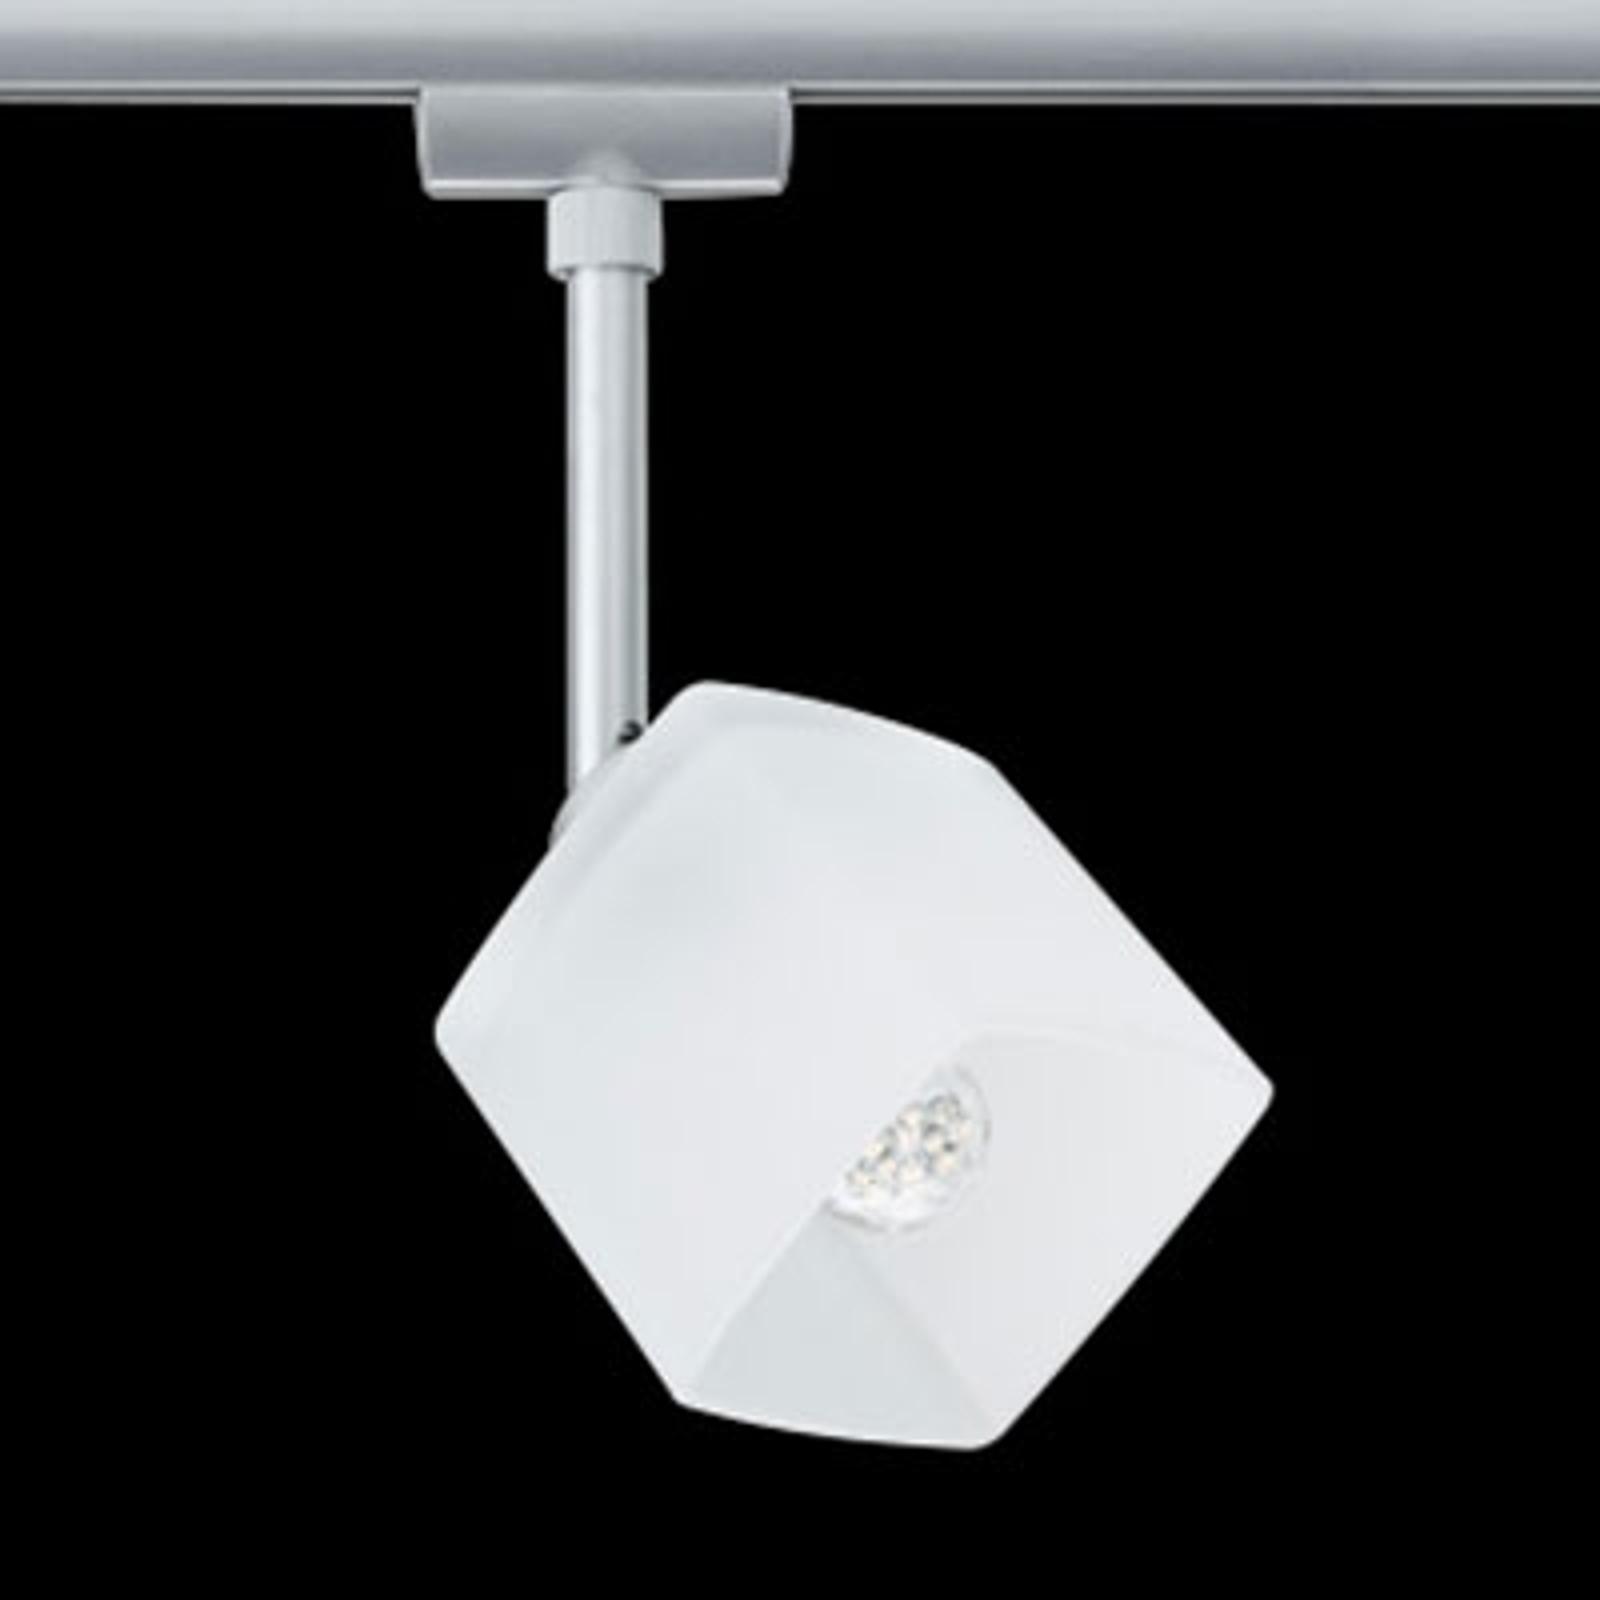 Paulmann URAIL Quad LED-Spot für Schienensystem